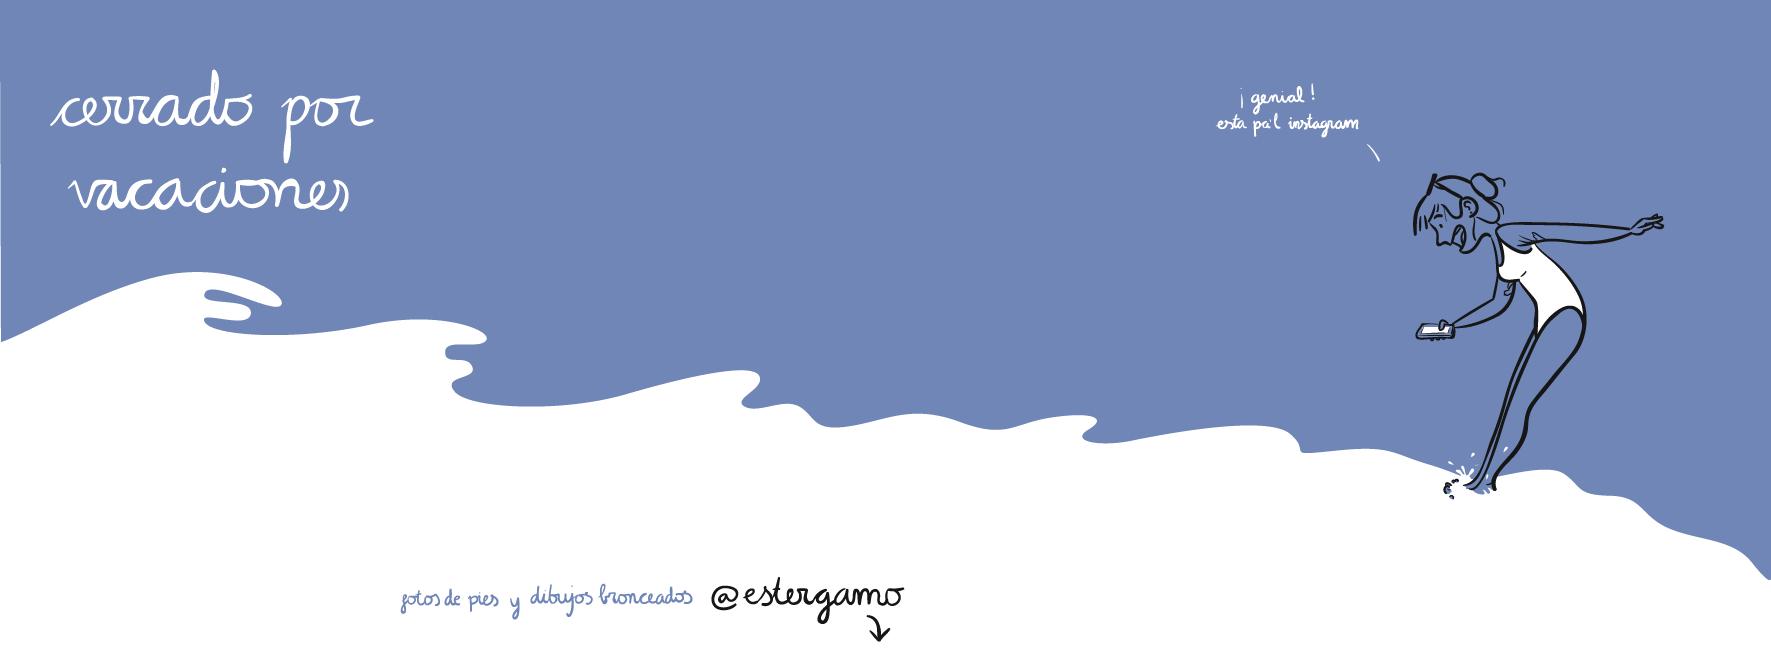 ilustración illustration con selfie de verano haciendo foto pic de pies feet en Mallorca